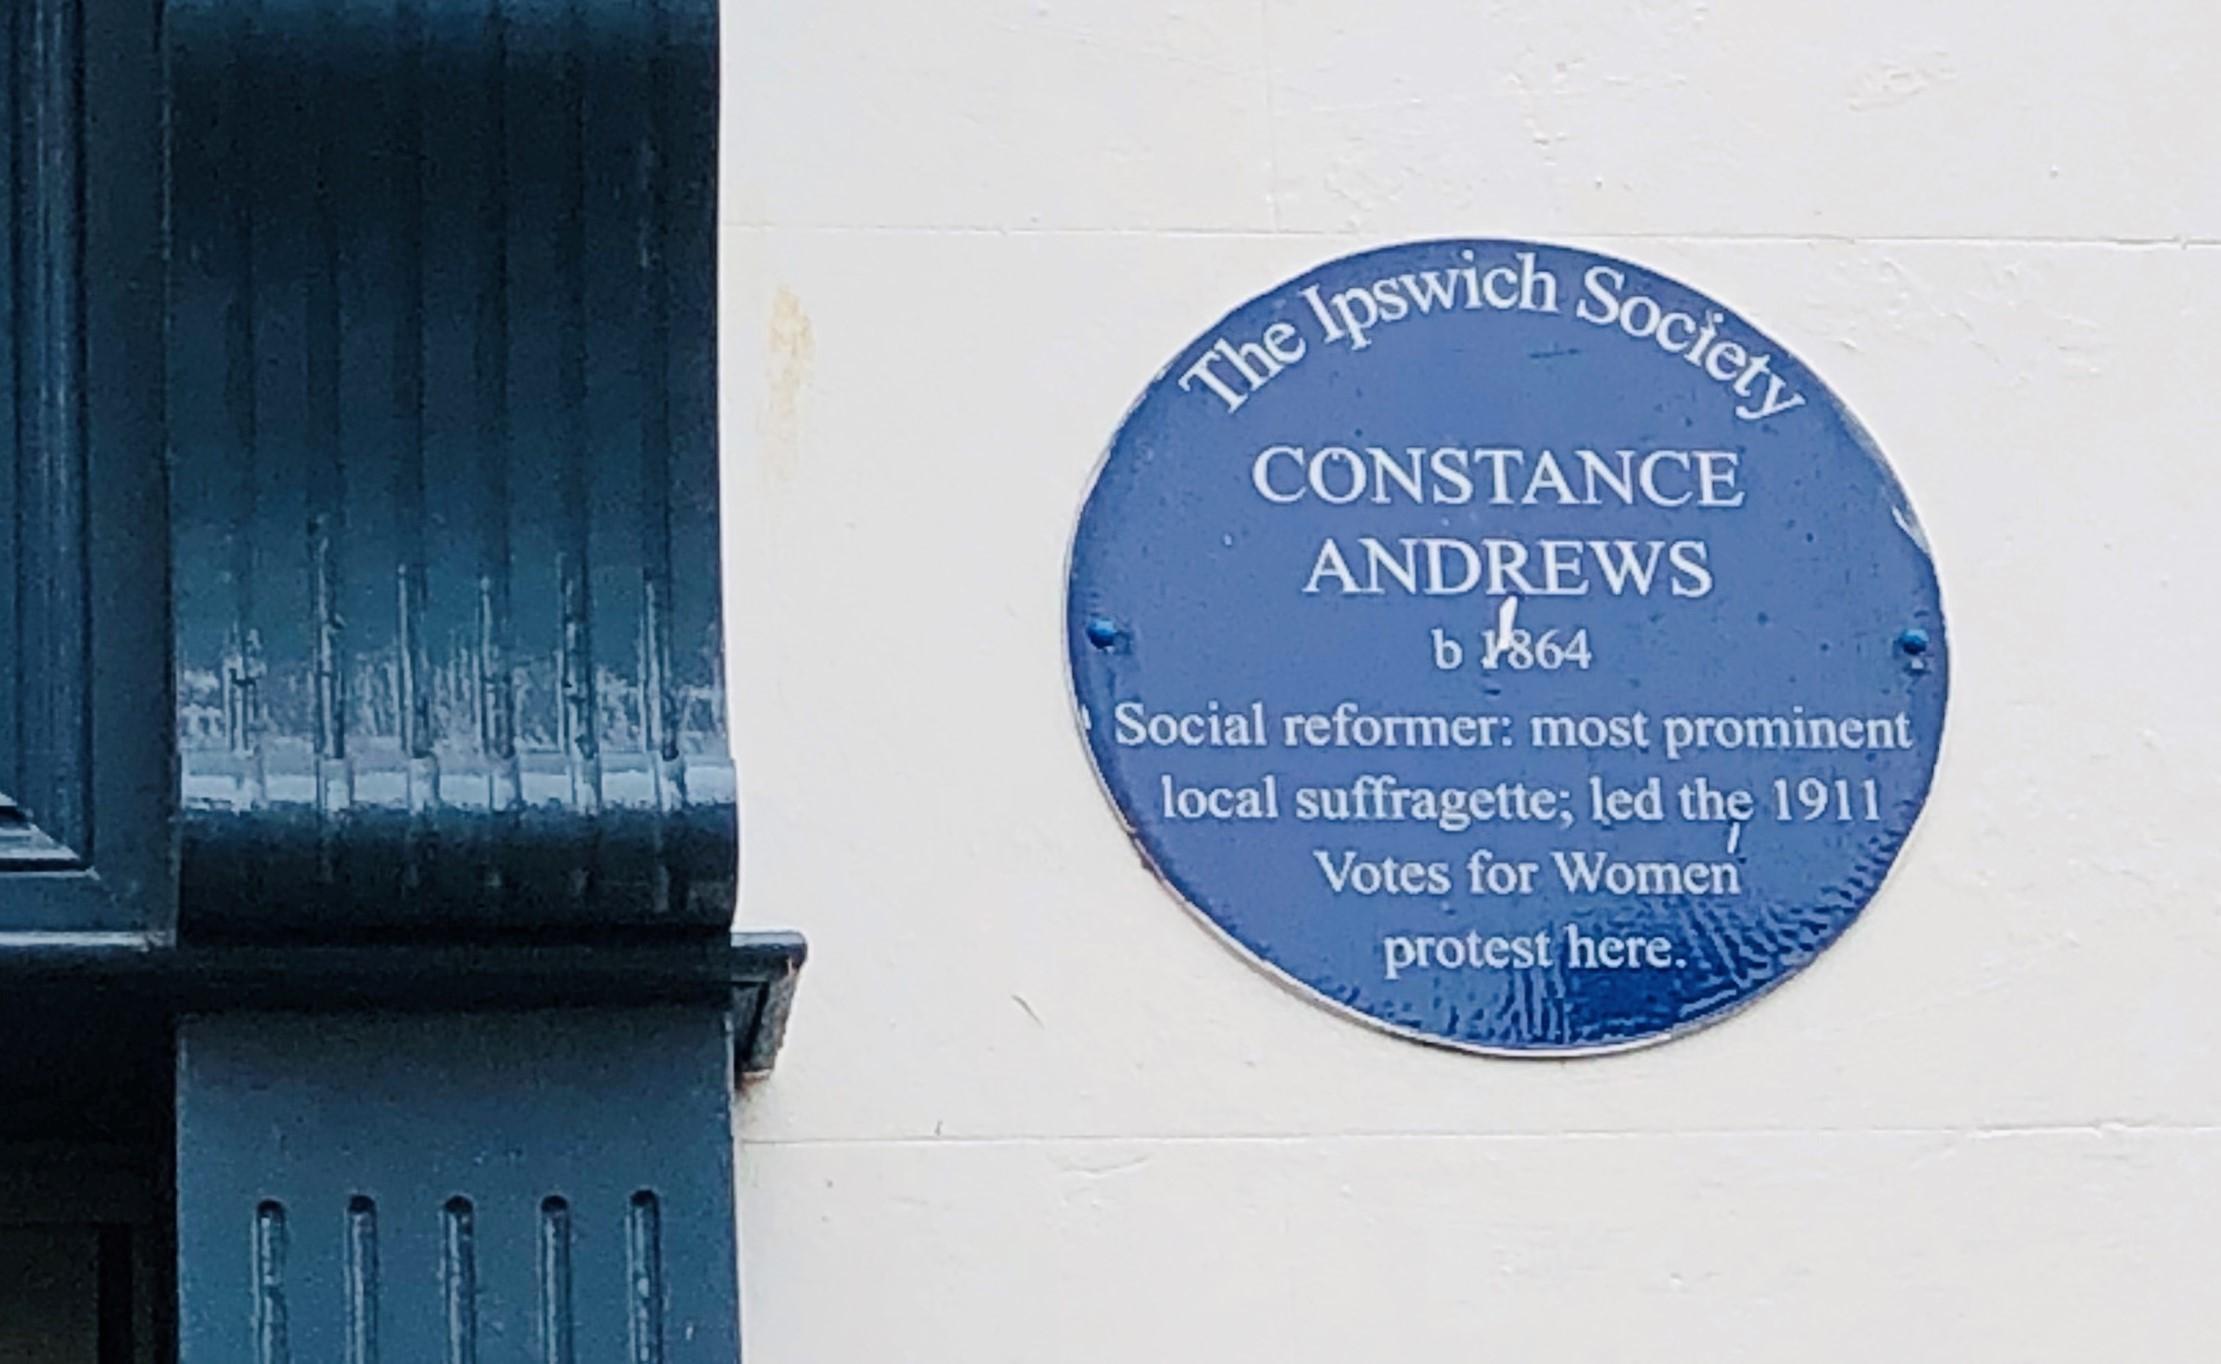 Blue Plaque - Constance Andrews Ipswich